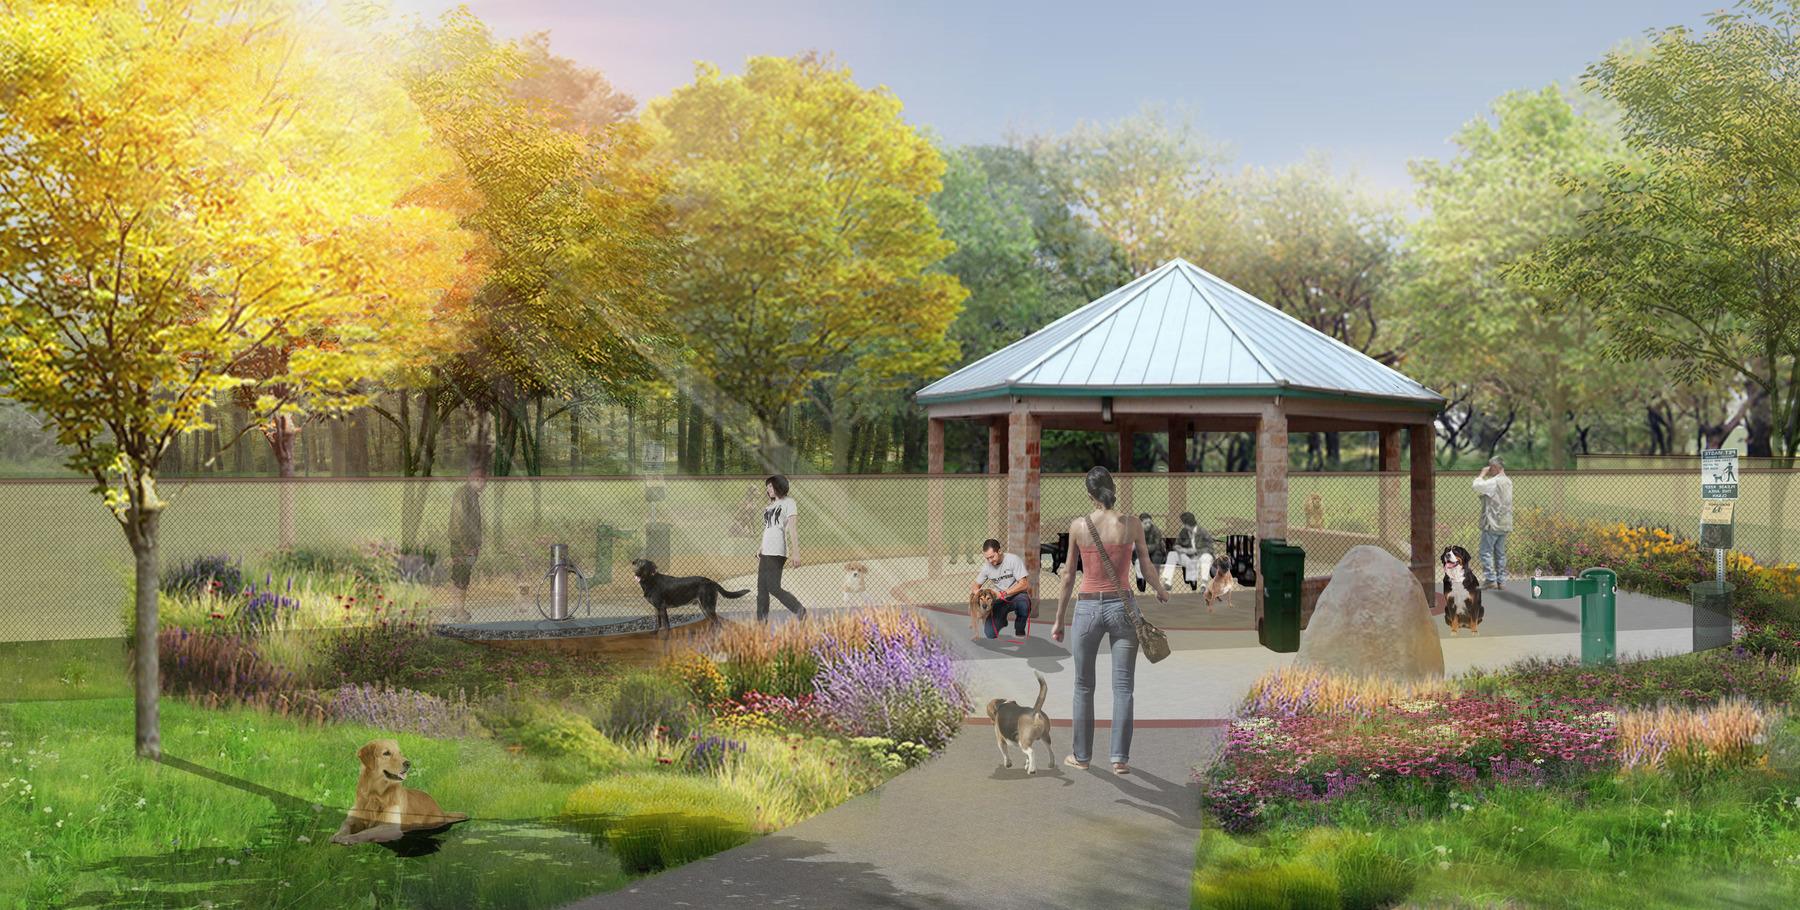 A mock-up of the Dog Park design